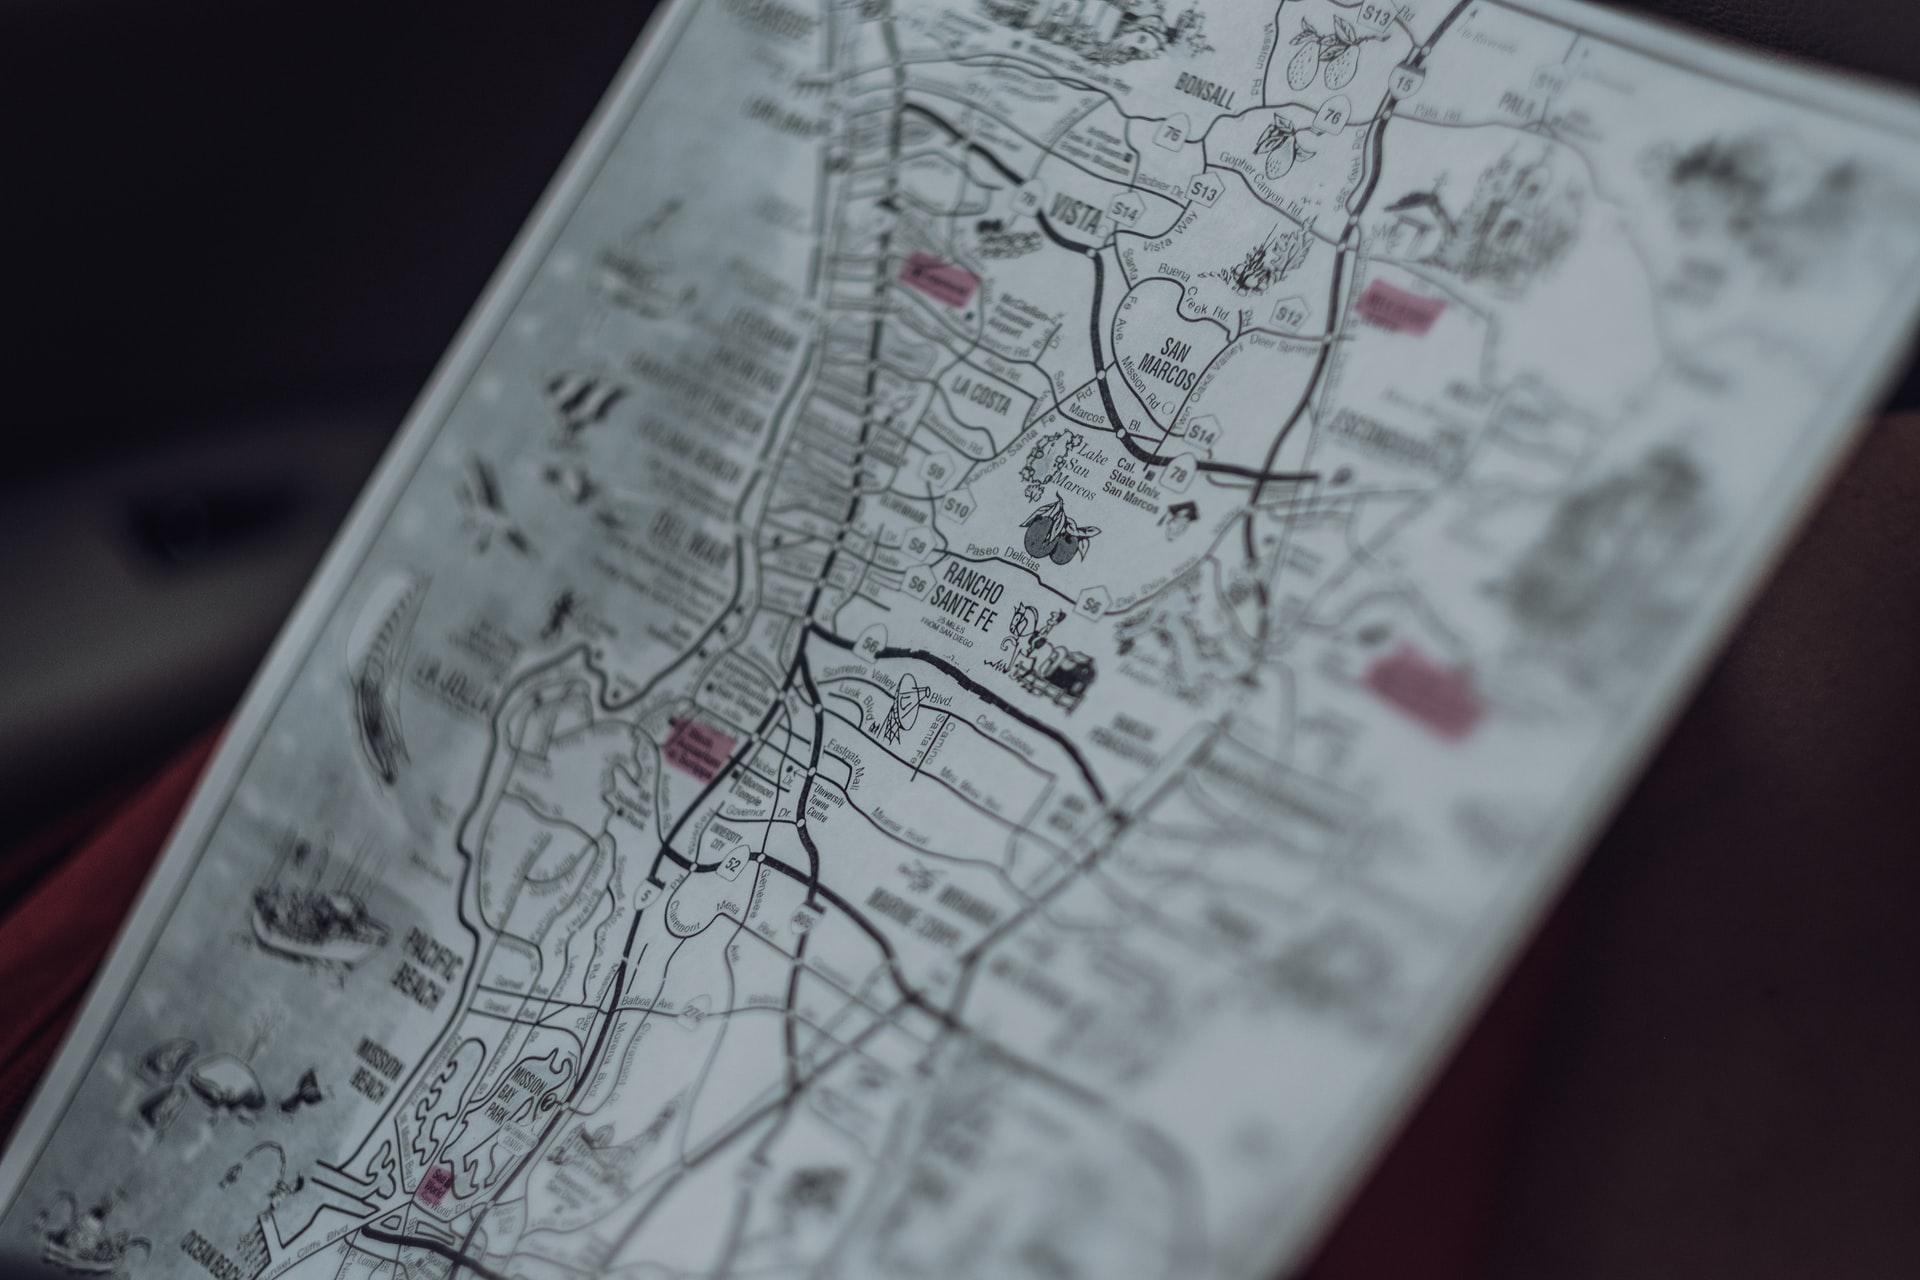 Photographie en contreplongée d'une carte